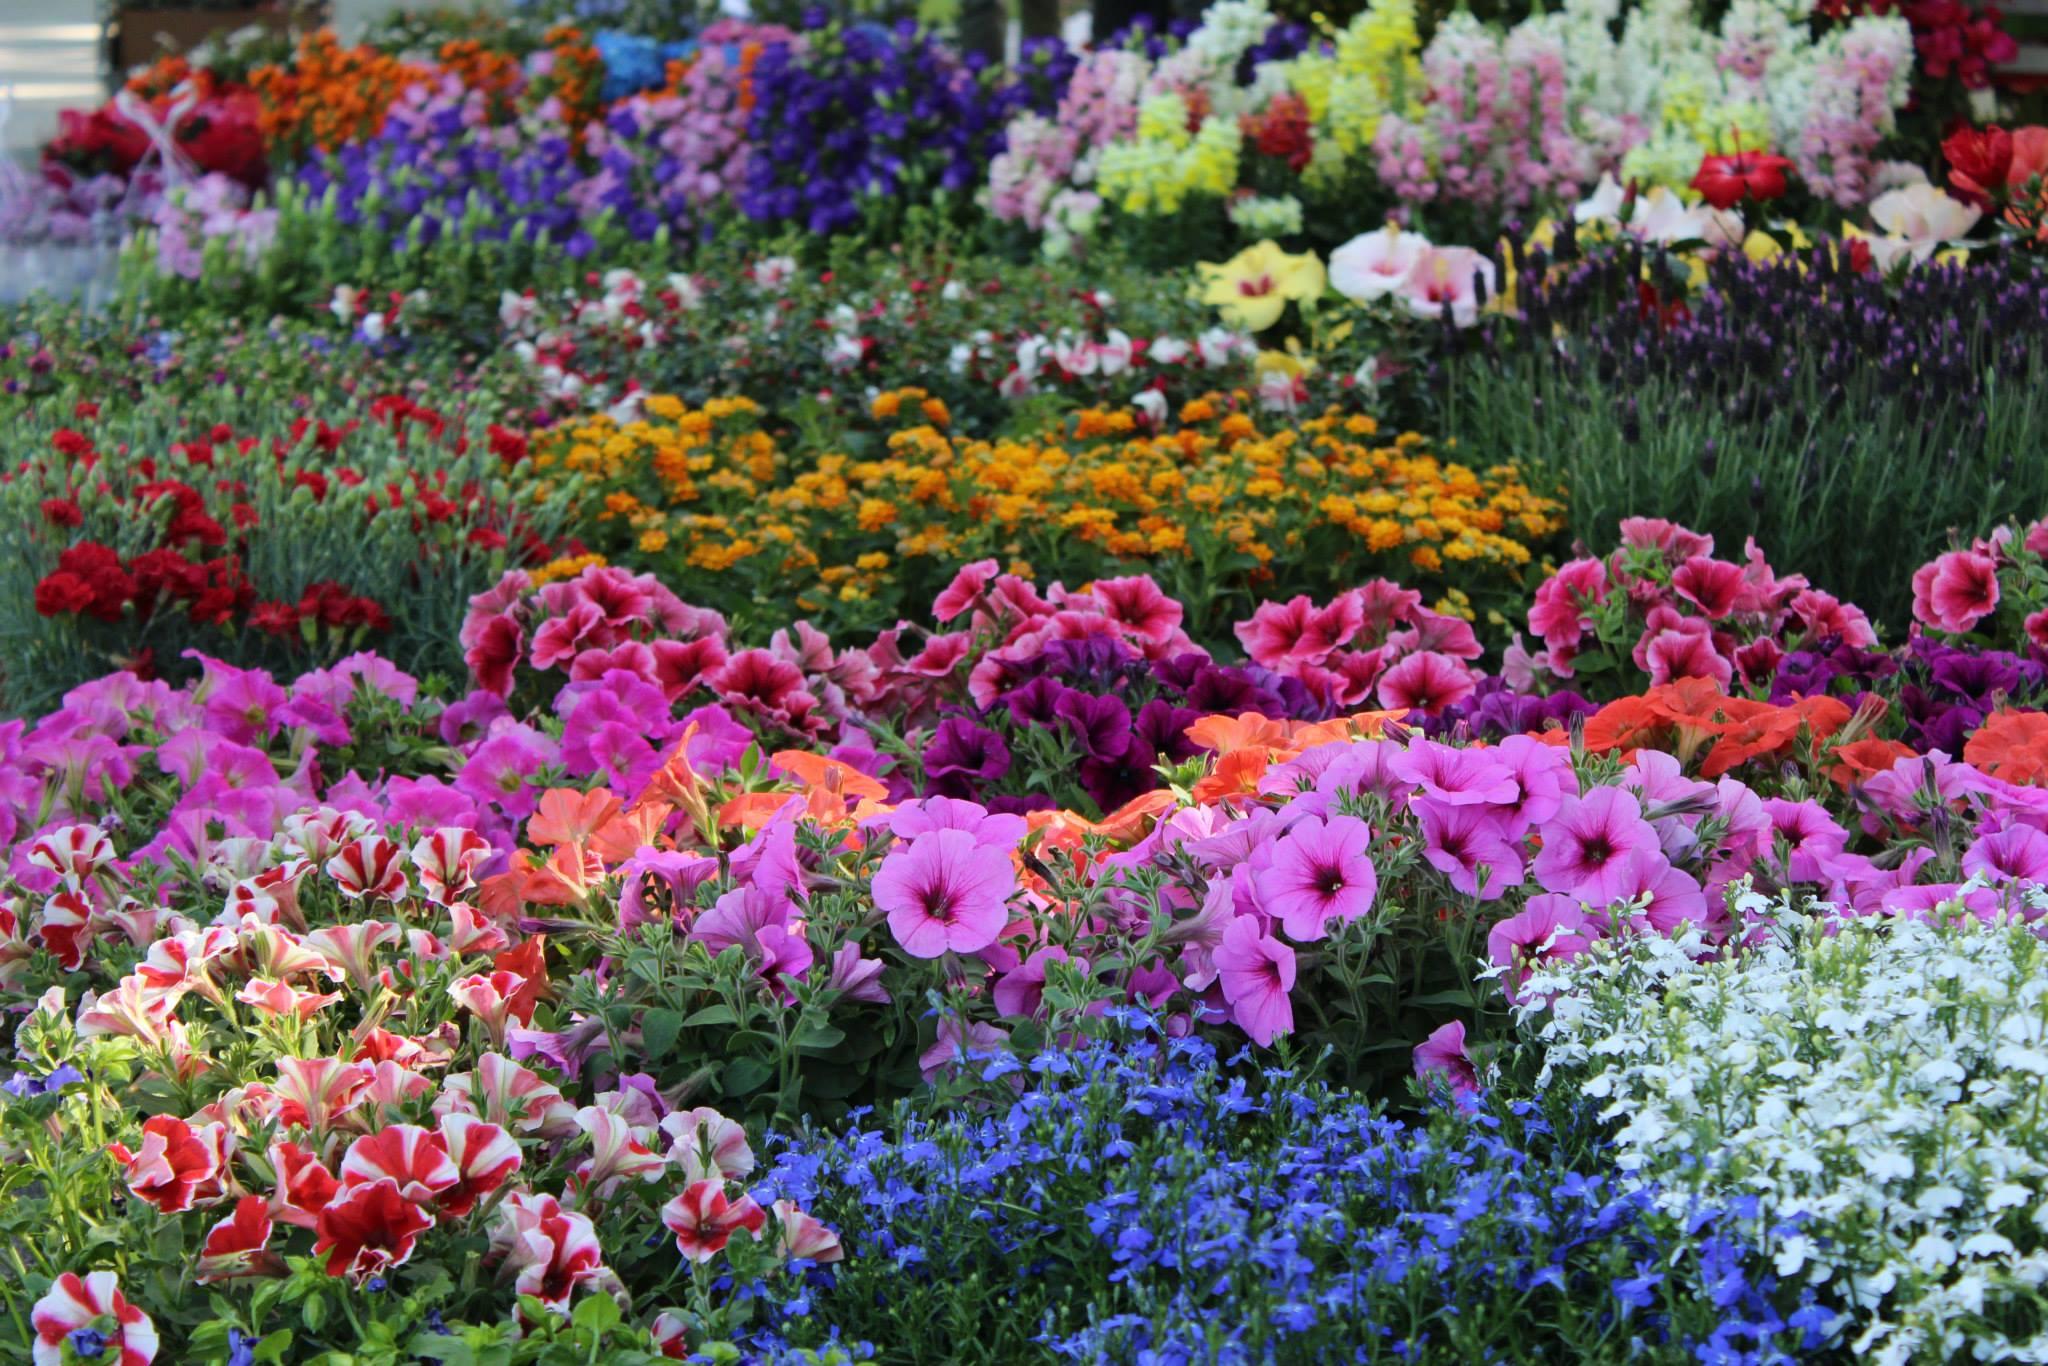 piante e fiori simboli e significati nella storia dell